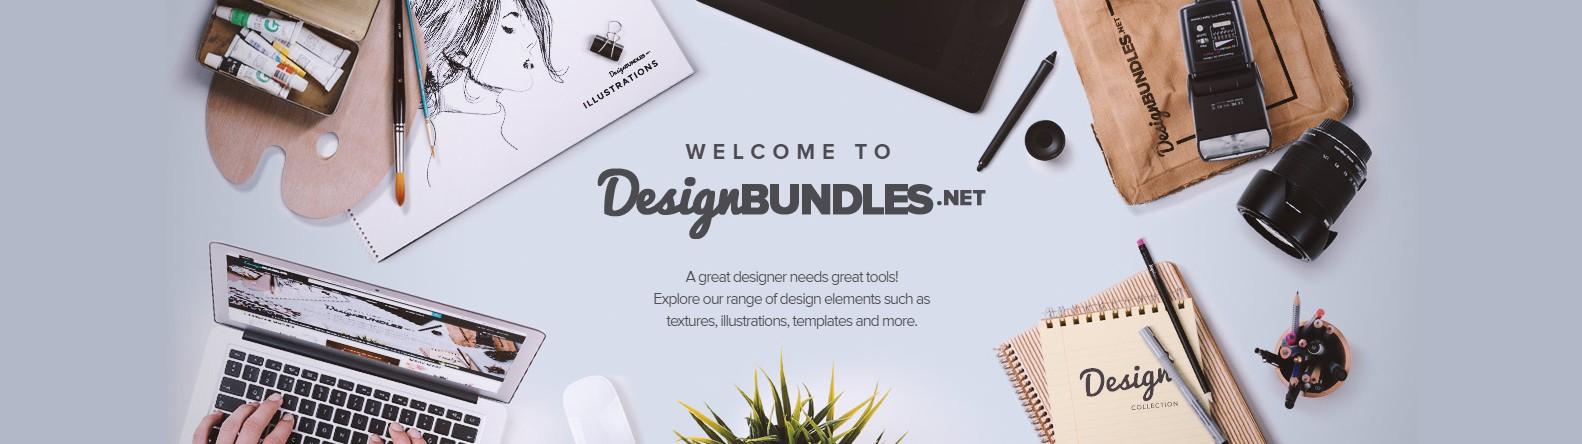 Download Premium Free Design Resources By Designbundles Net